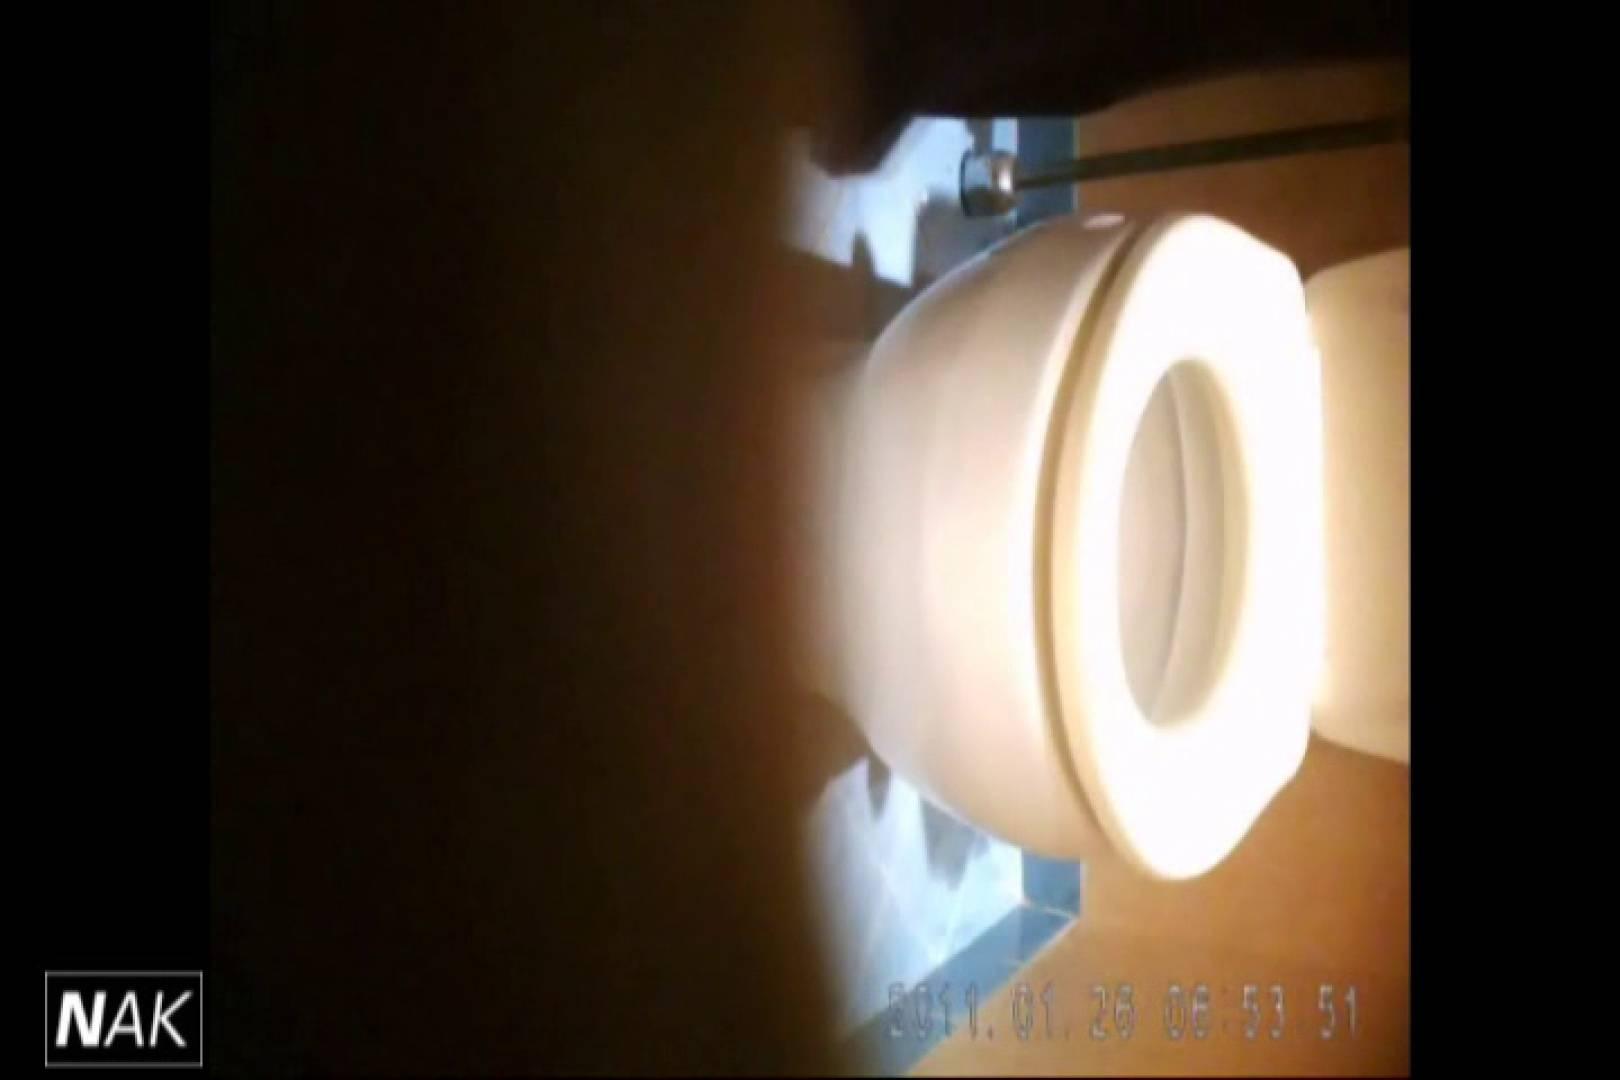 せん八さんの厠観察日記!2点監視カメラ 高画質5000K vol.11 黄金水 ワレメ動画紹介 95PIX 7